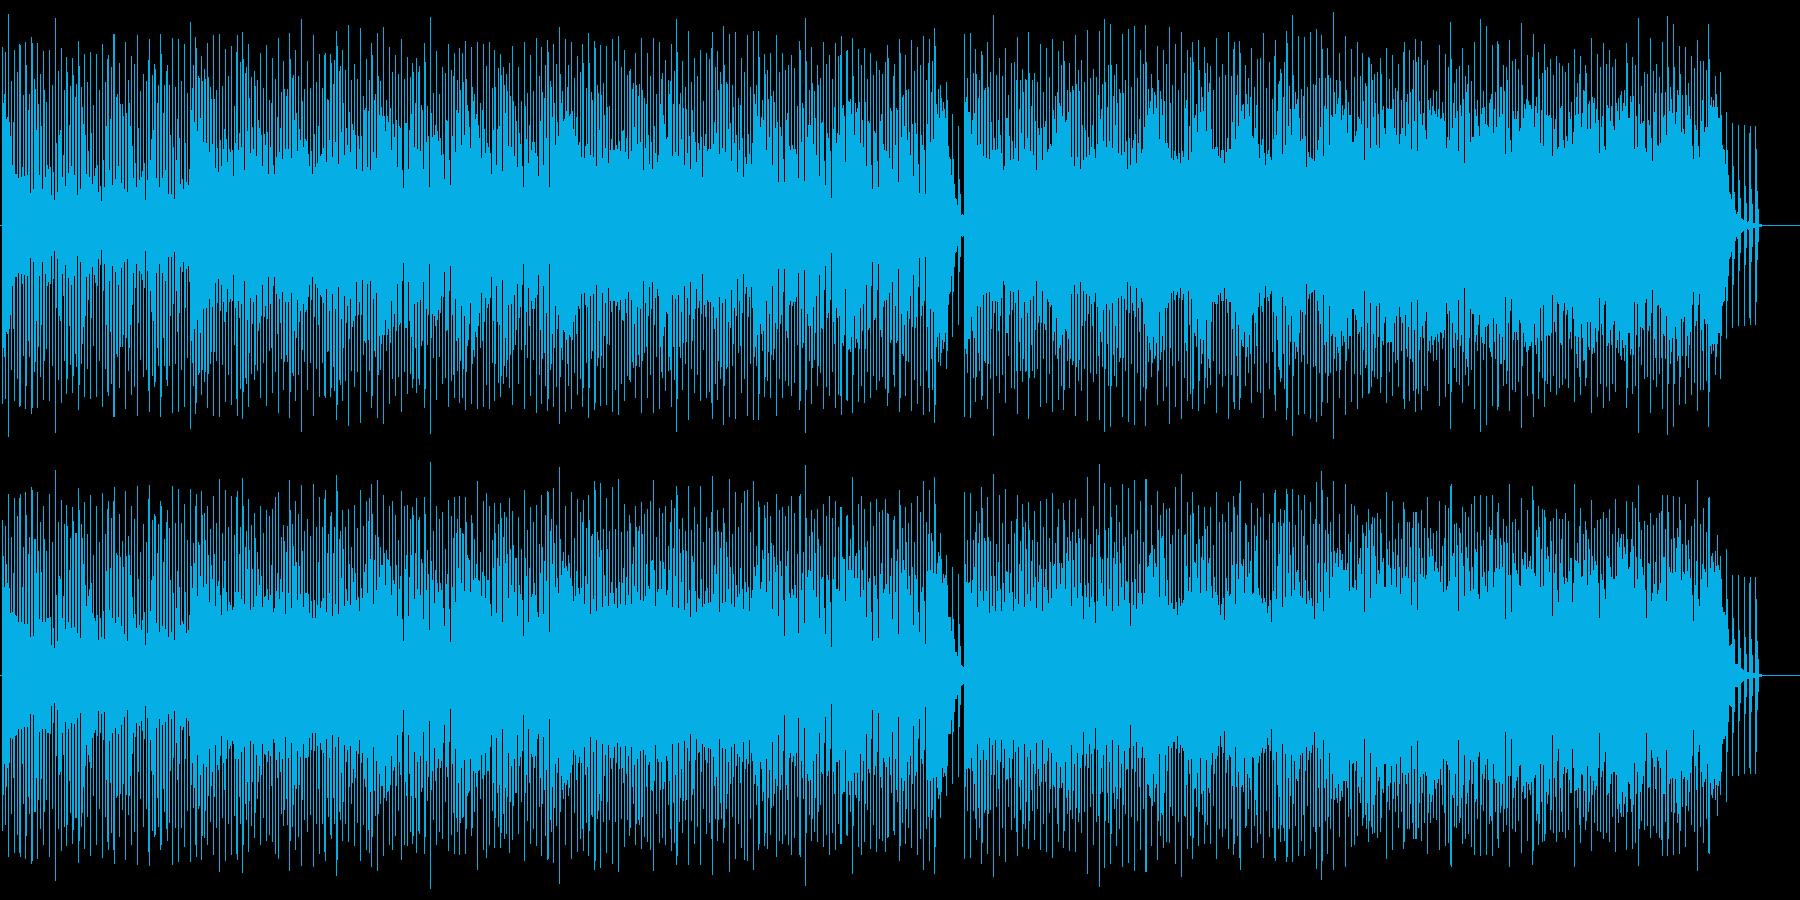 重厚でロックなテクノBGMの再生済みの波形